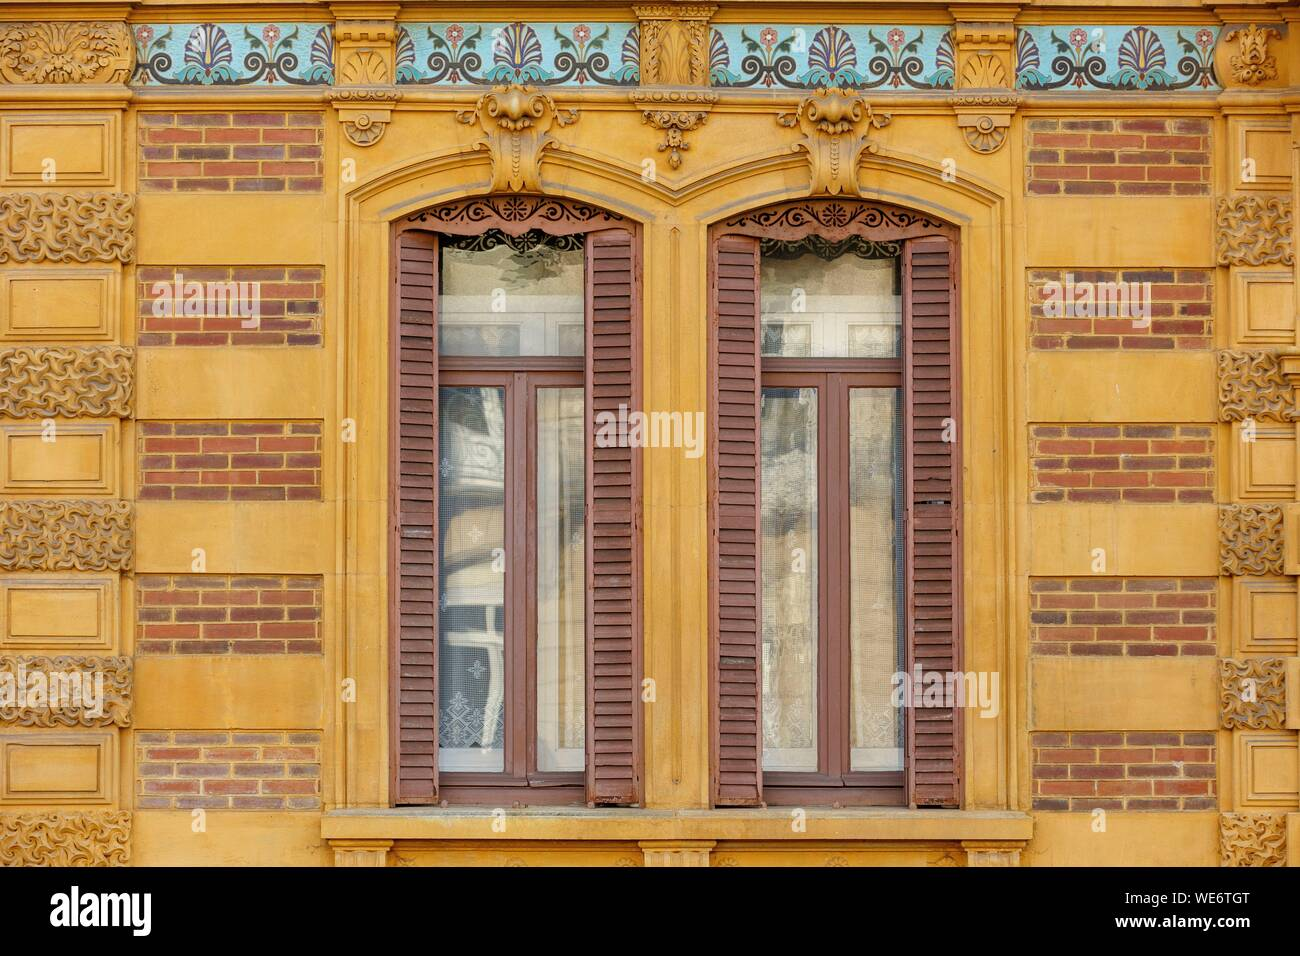 Rue De La Deco france, meurthe et moselle, nancy, an art deco facade of a